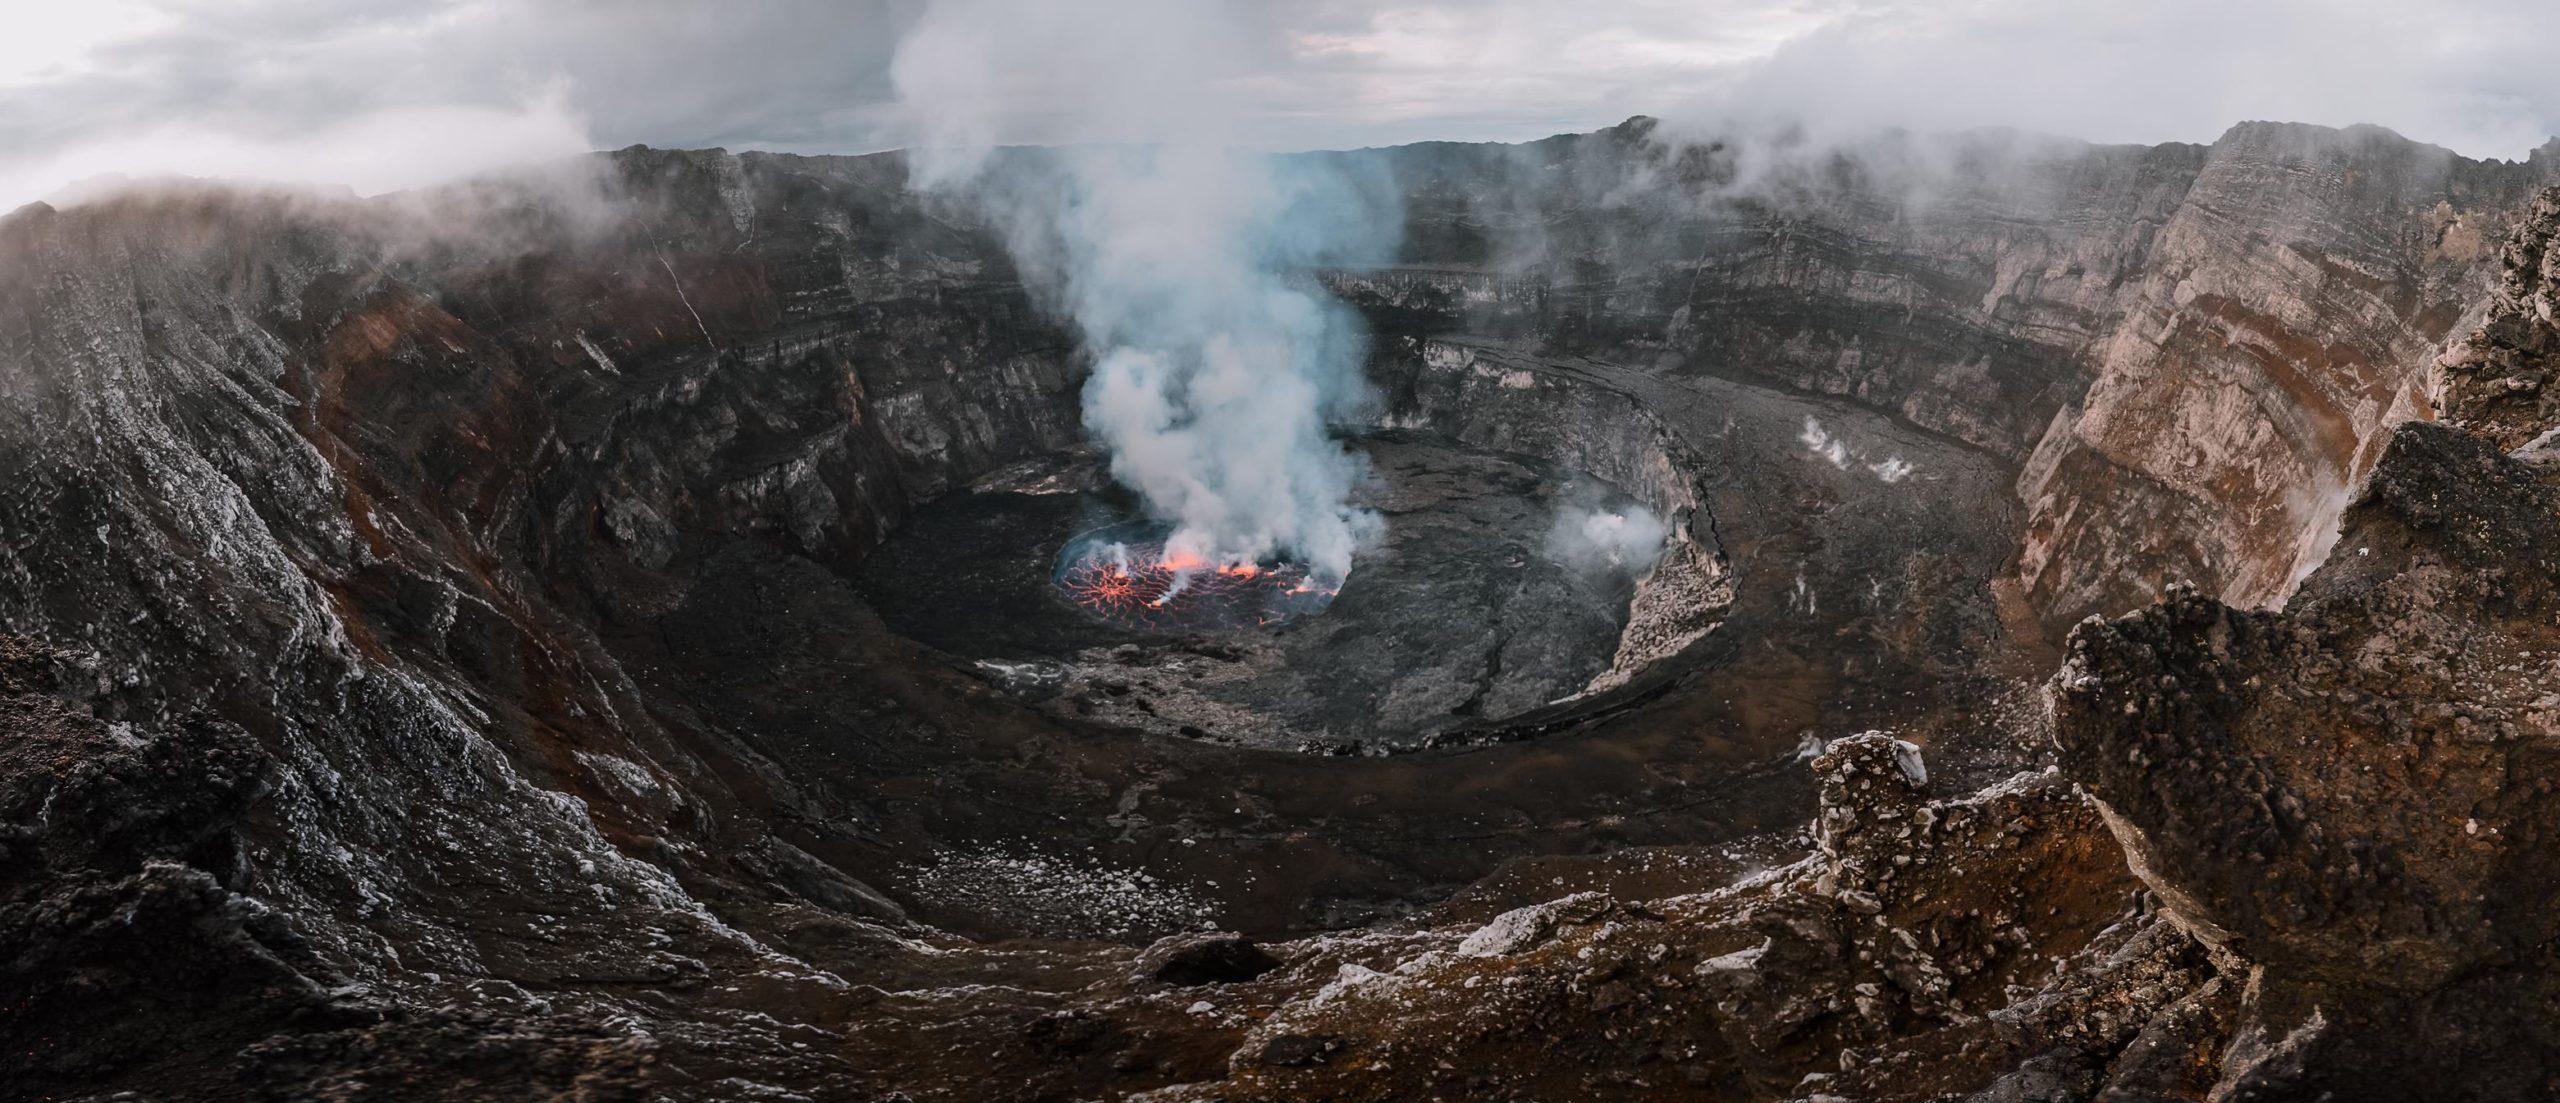 Erupción del volcán Nyiragongo en Virunga en República Democrática del Congo